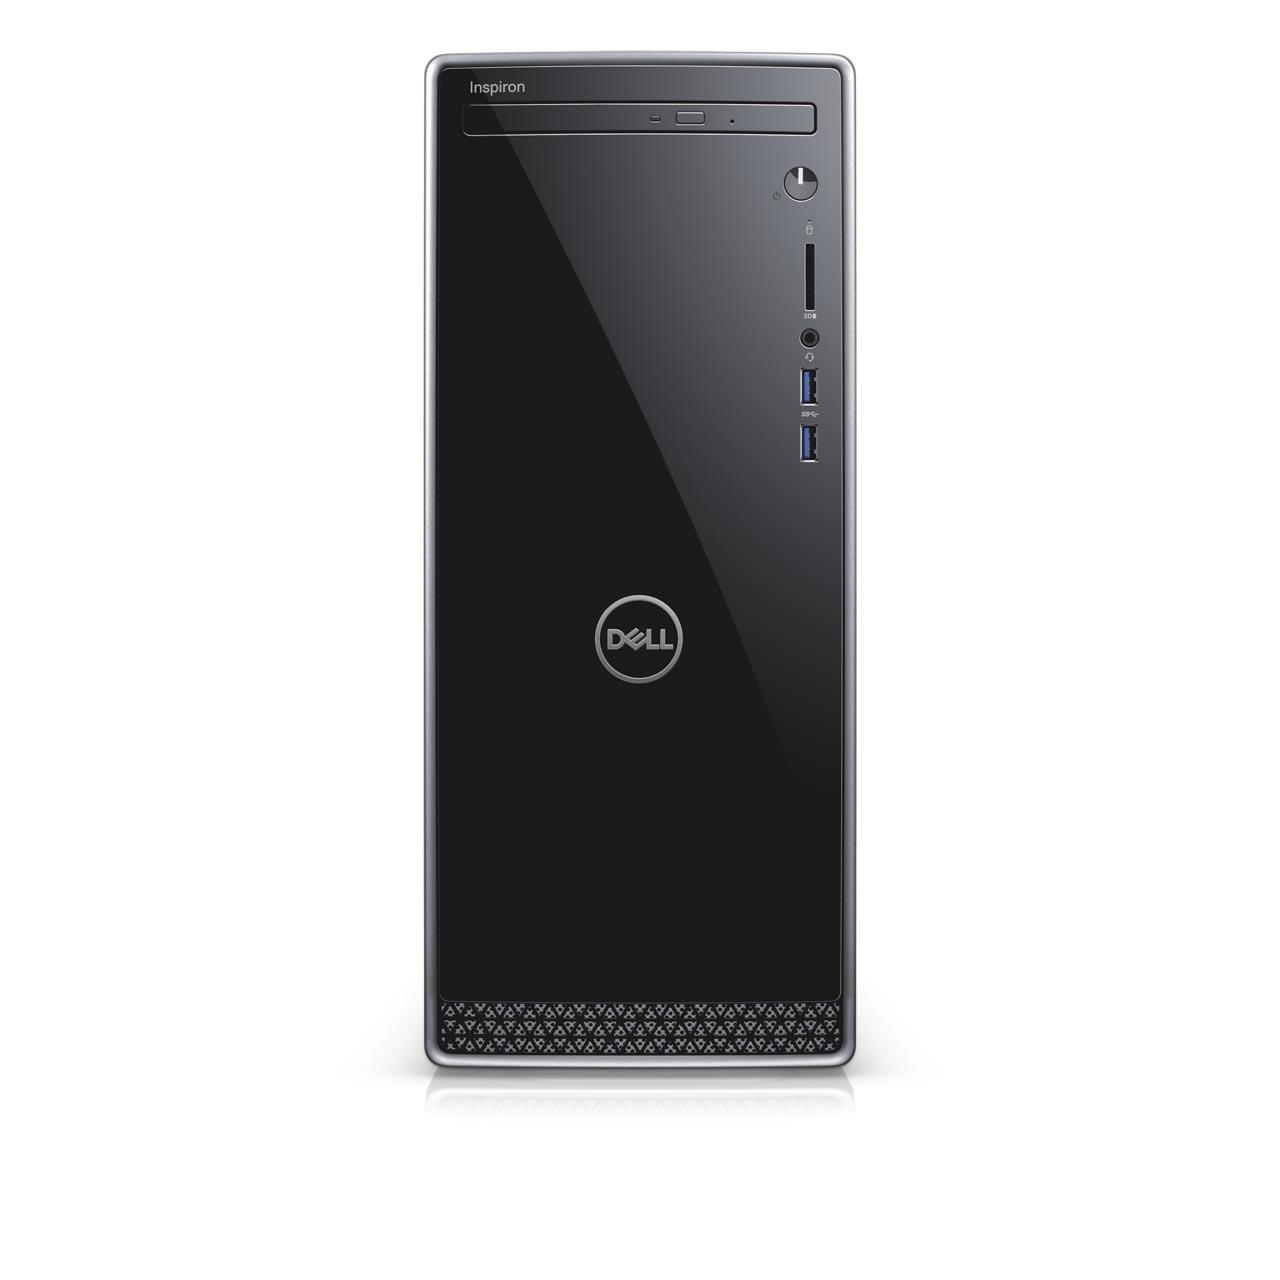 Dell Inspiron 3671 Desktop with Intel Octa Core i7 9700 / 12GB / 256GB SSD / Win 10